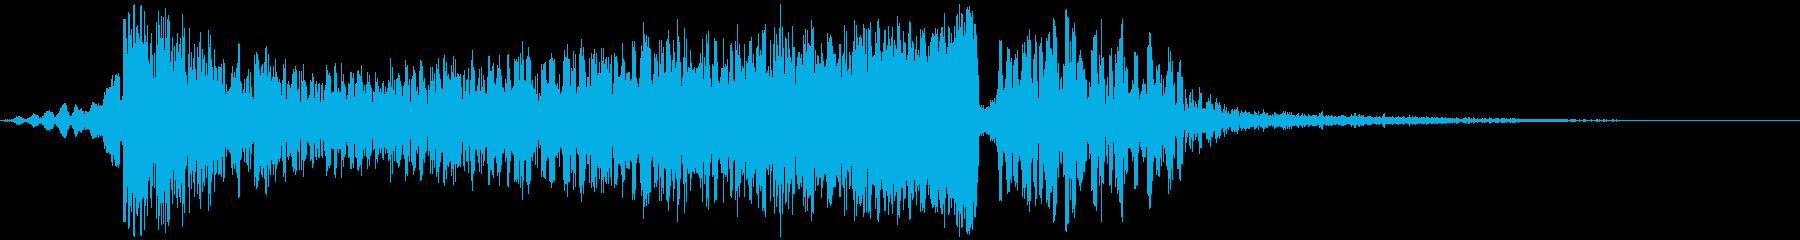 【映画】 TONAL_08 タイトルロゴの再生済みの波形